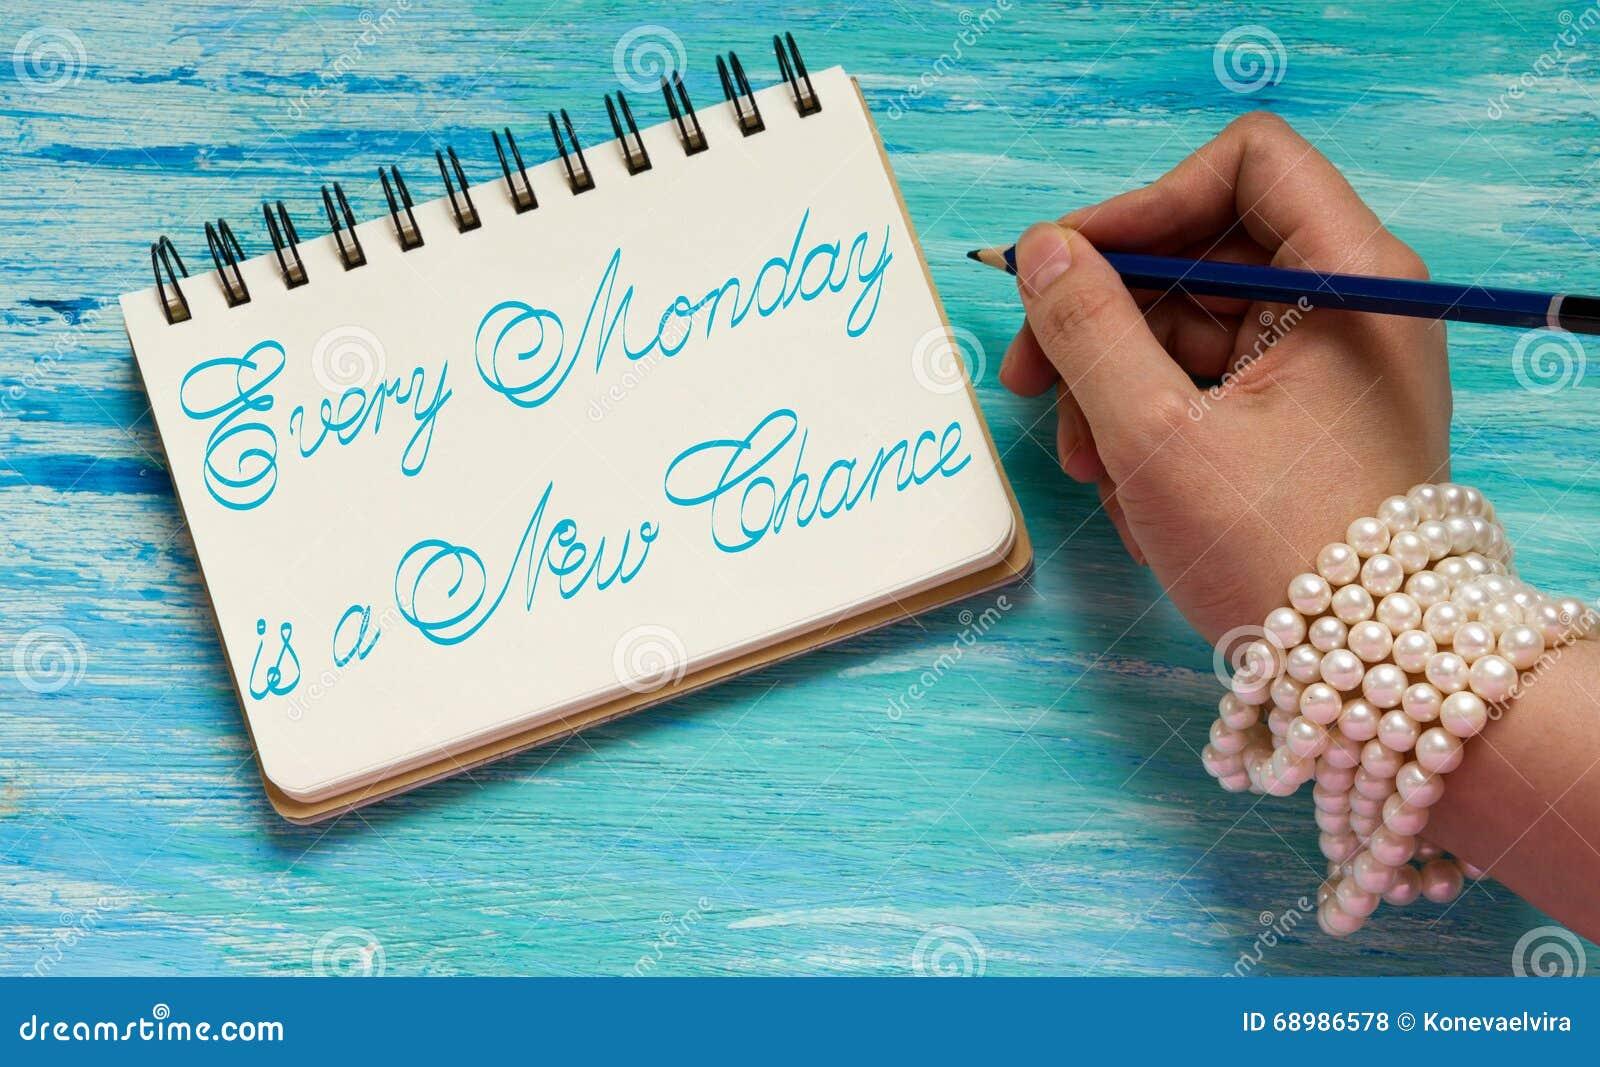 Cada lunes es una nueva ocasión